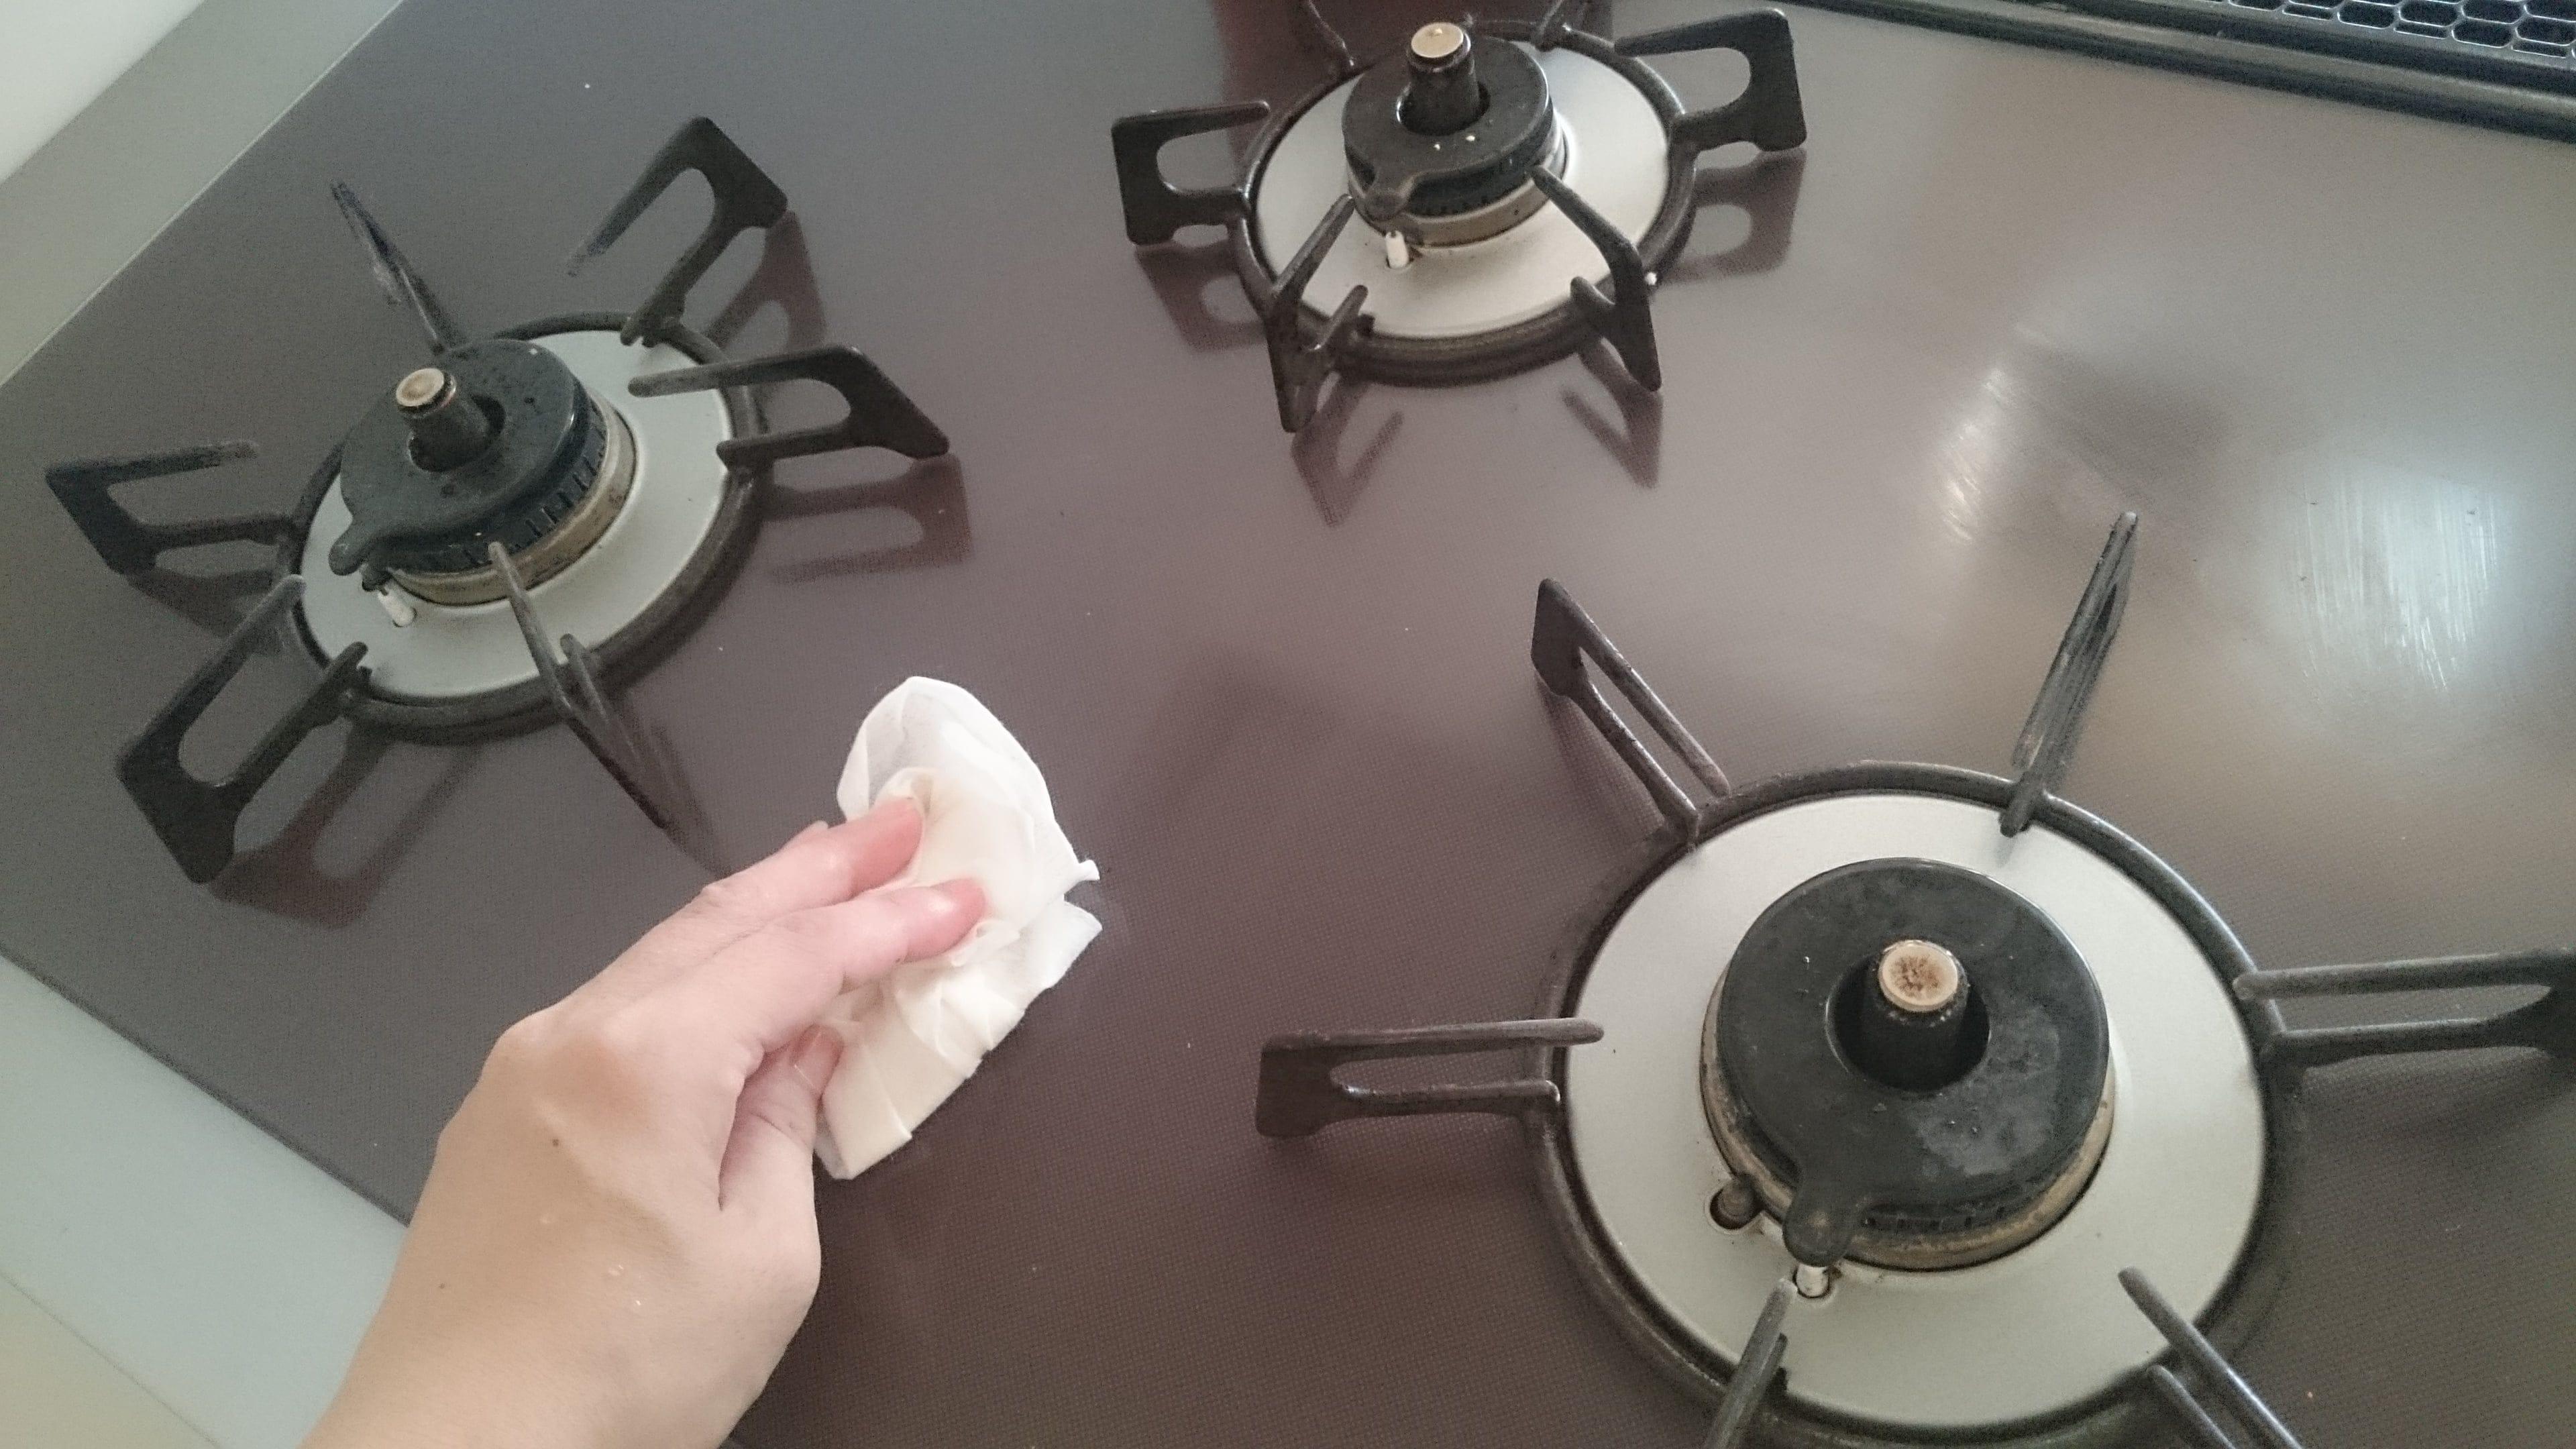 キッチンコンロお掃除のイメージその1